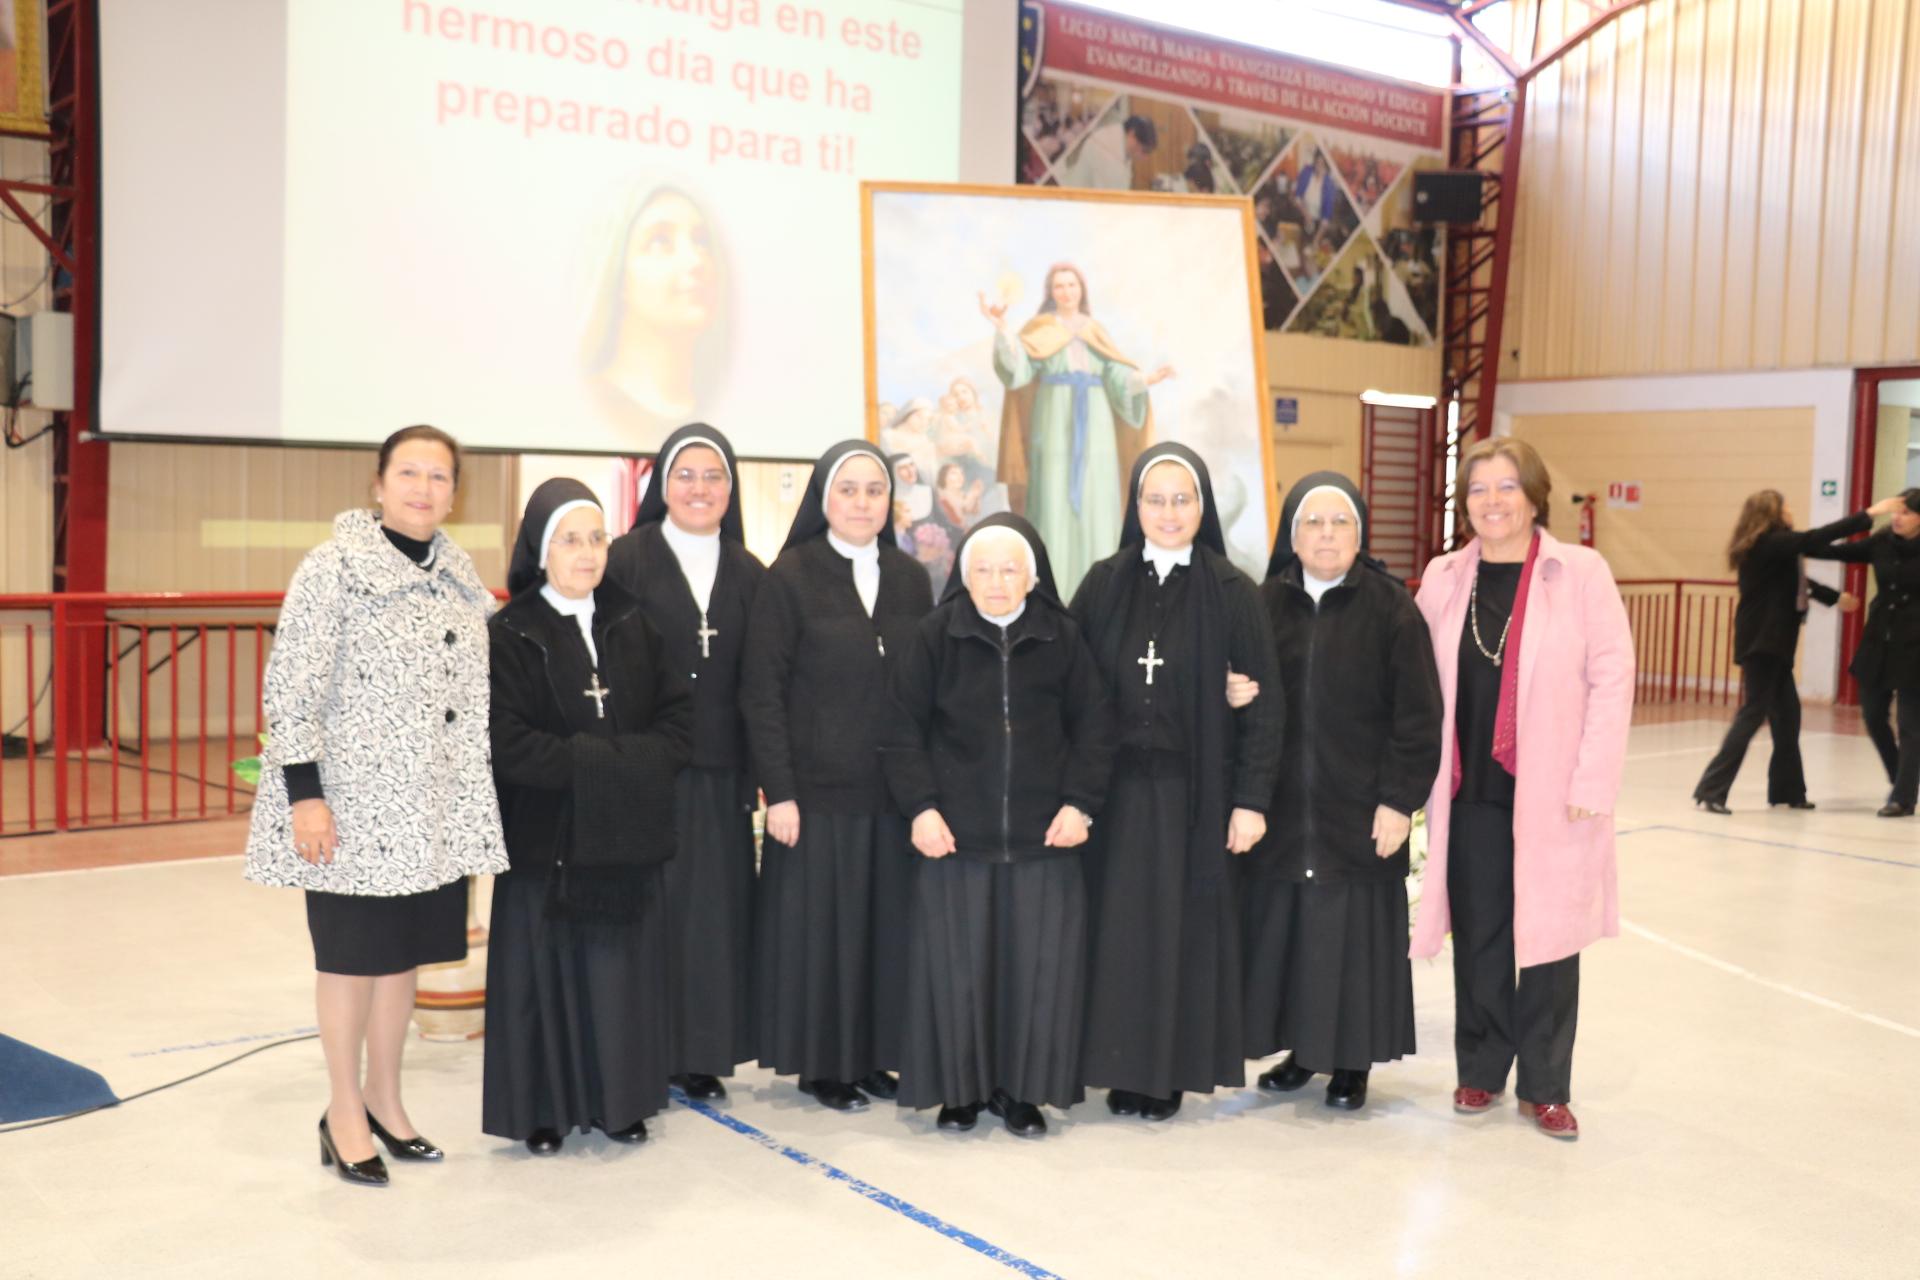 Autoridades de Gobierno destacan contribución de Liceo Santa Marta en el desarrollo educacional de la provincia